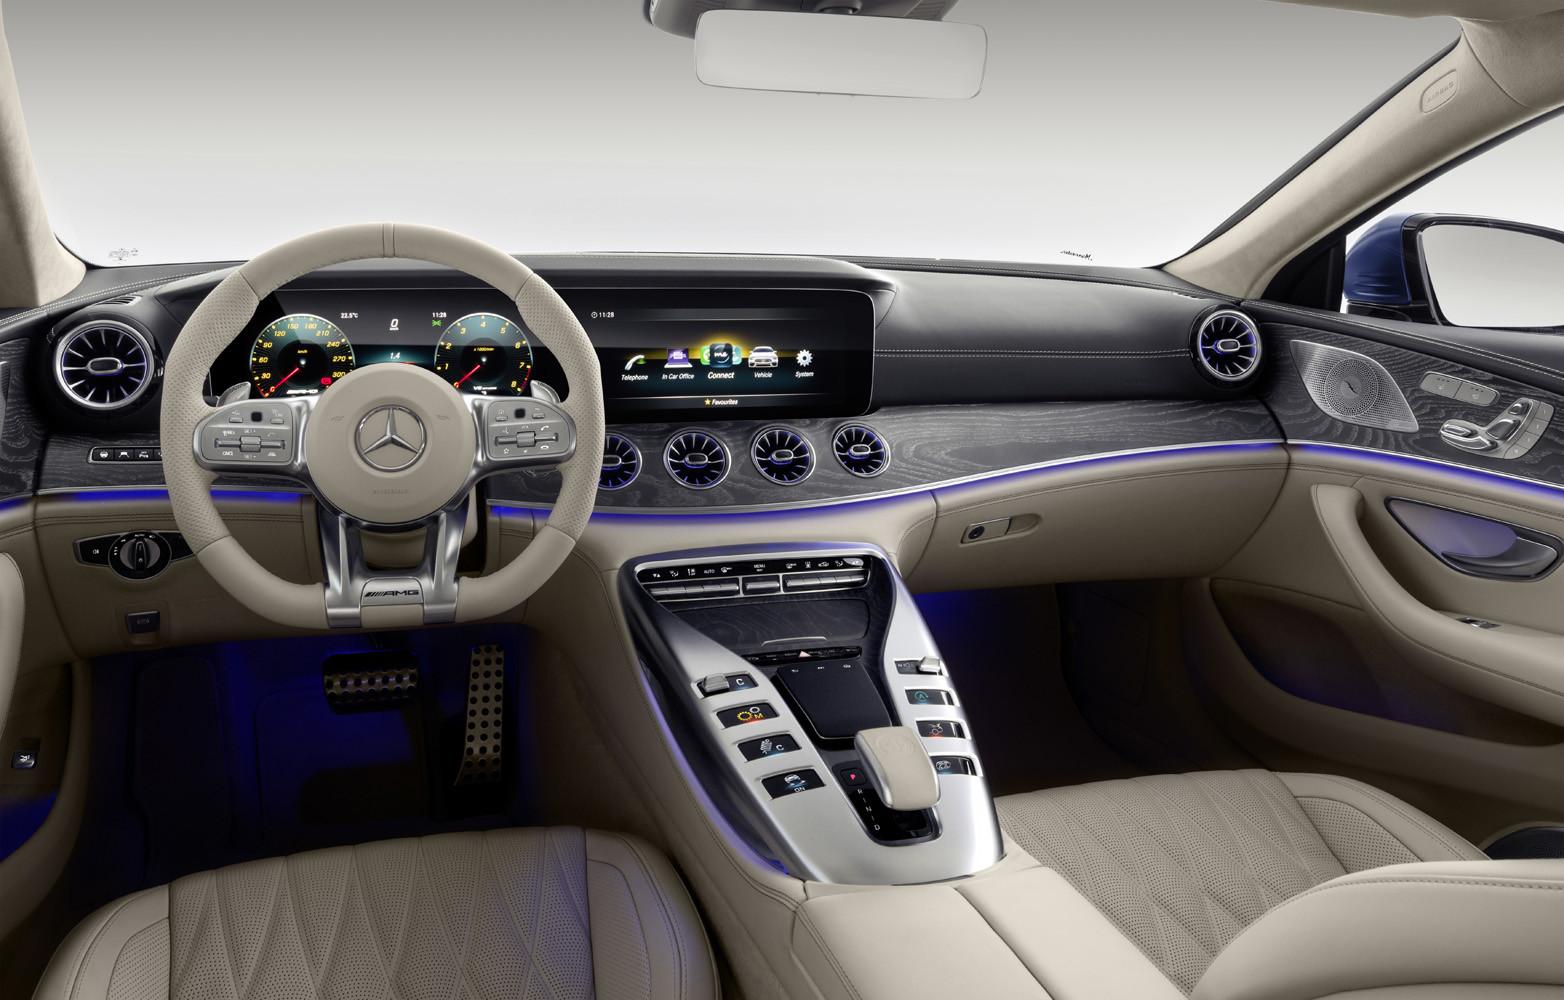 Foto de Mercedes-AMG GT (4 puertas) (39/40)